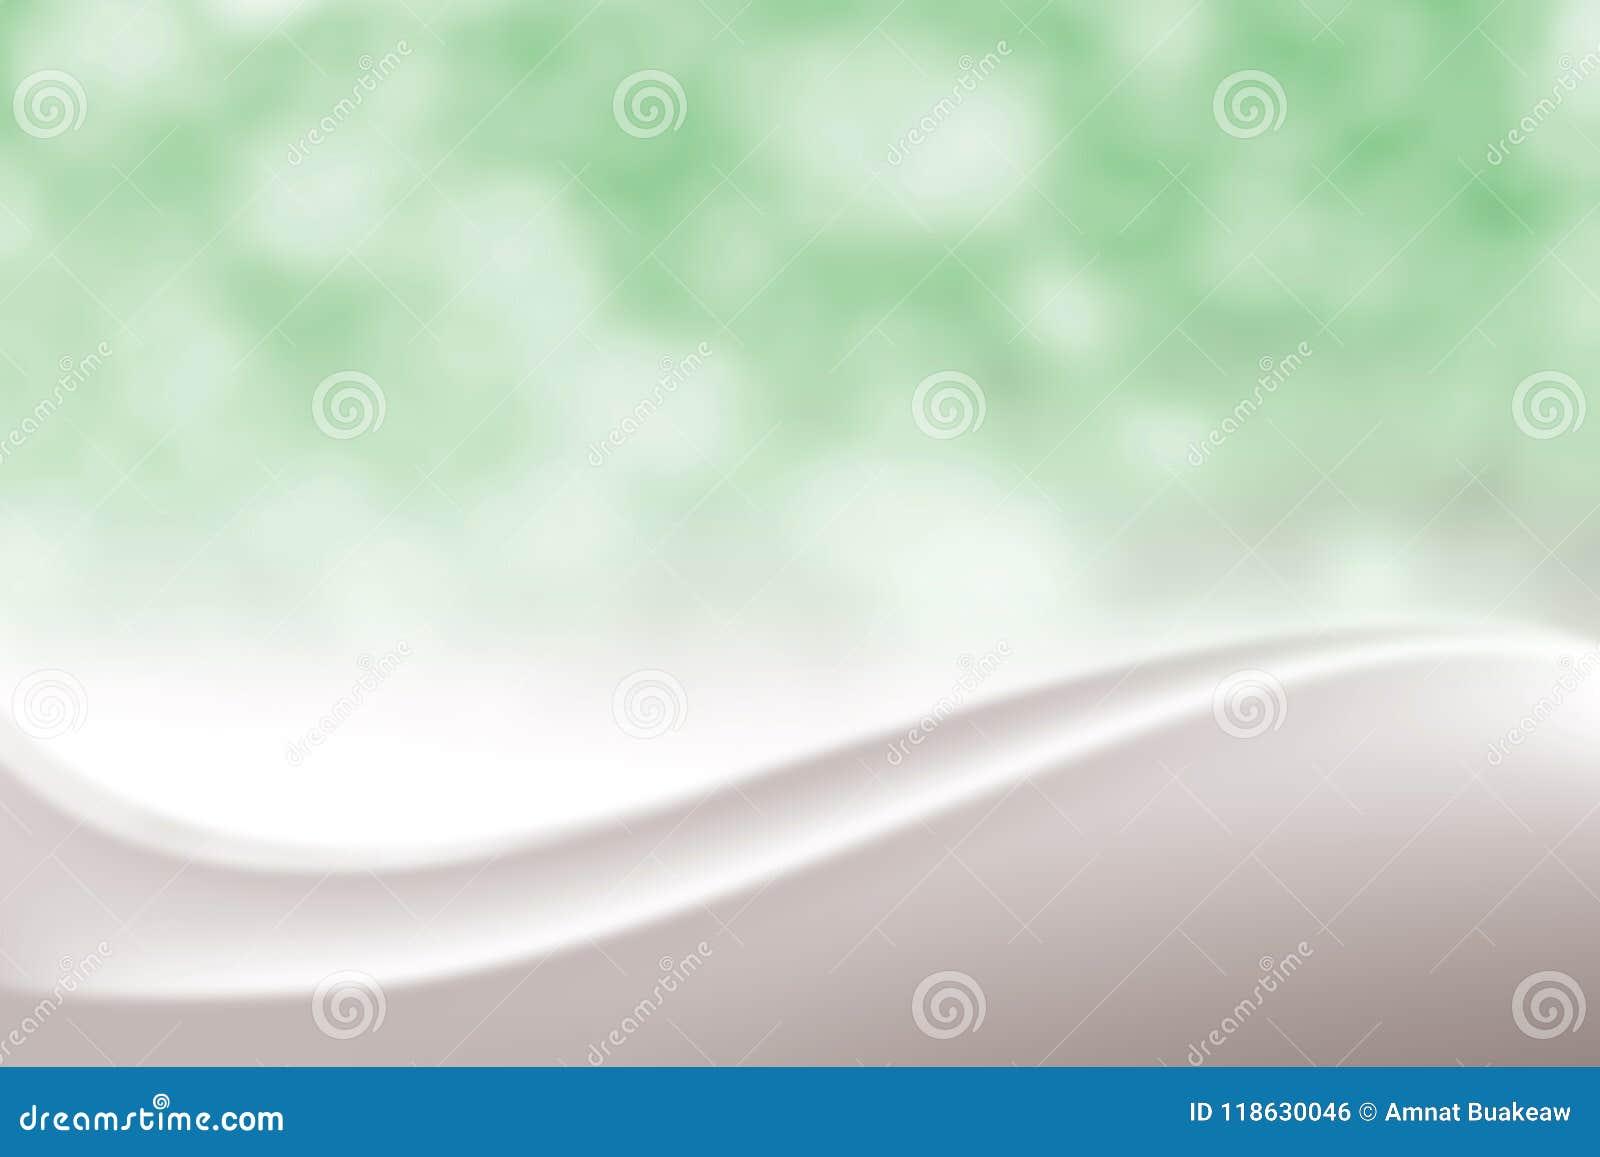 Fondo molle elegante verde regolare vago di bellezza, tonalità cosmetica lussuosa della luce morbida di Bokeh del contesto, dolce